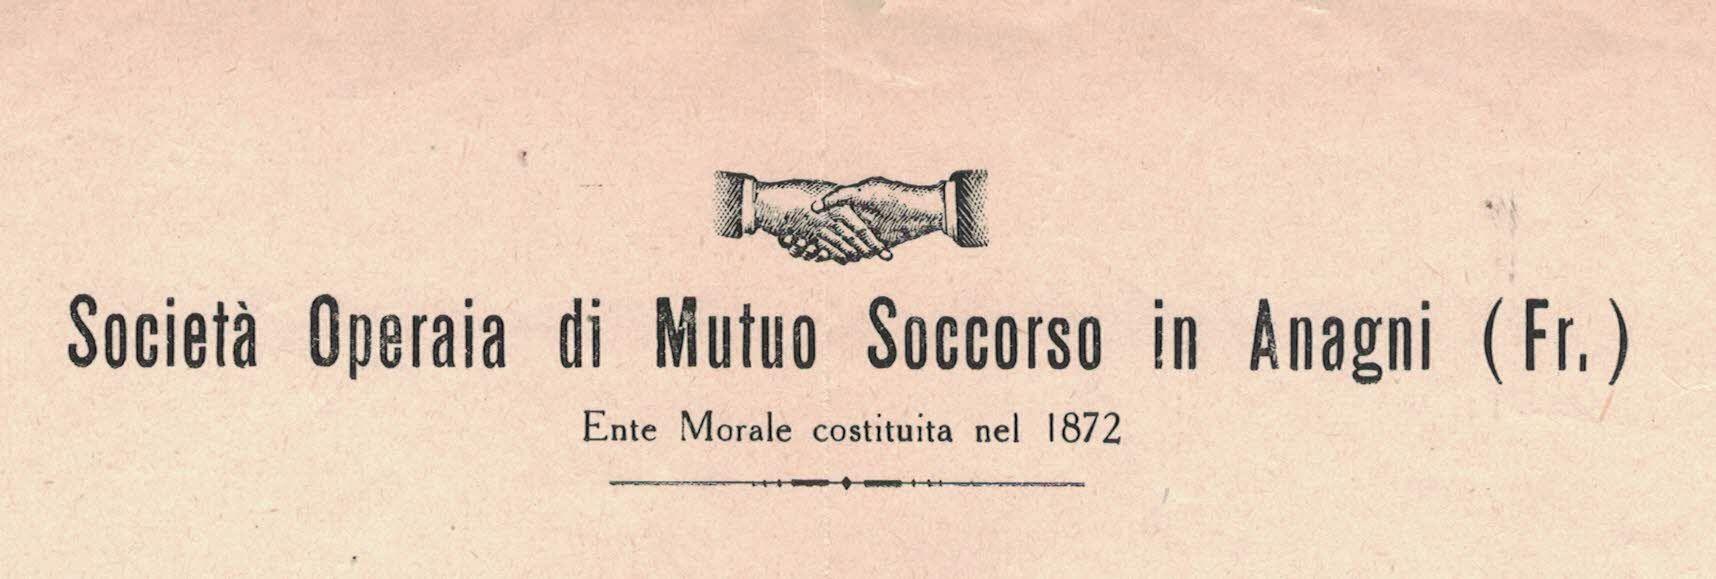 DOCUMENTI, LO STATUTO DELLA SOCIETA' OPERAIA